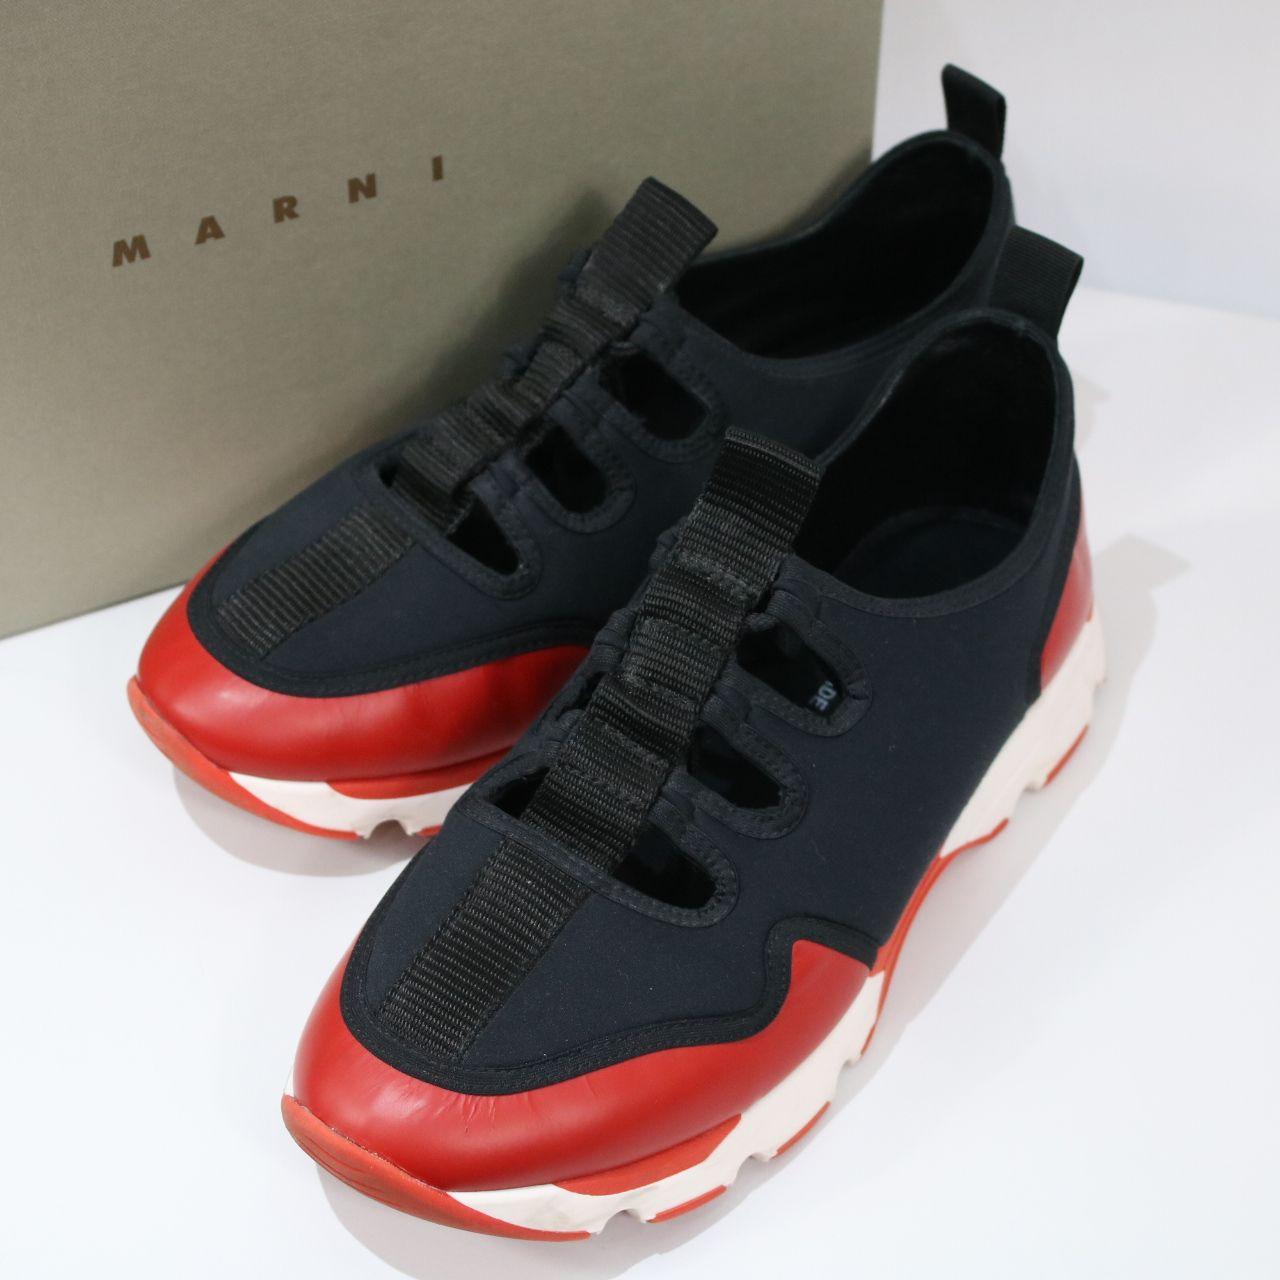 MARNI / マルニ   ツートーンスニーカー   40   ブラック×レッド